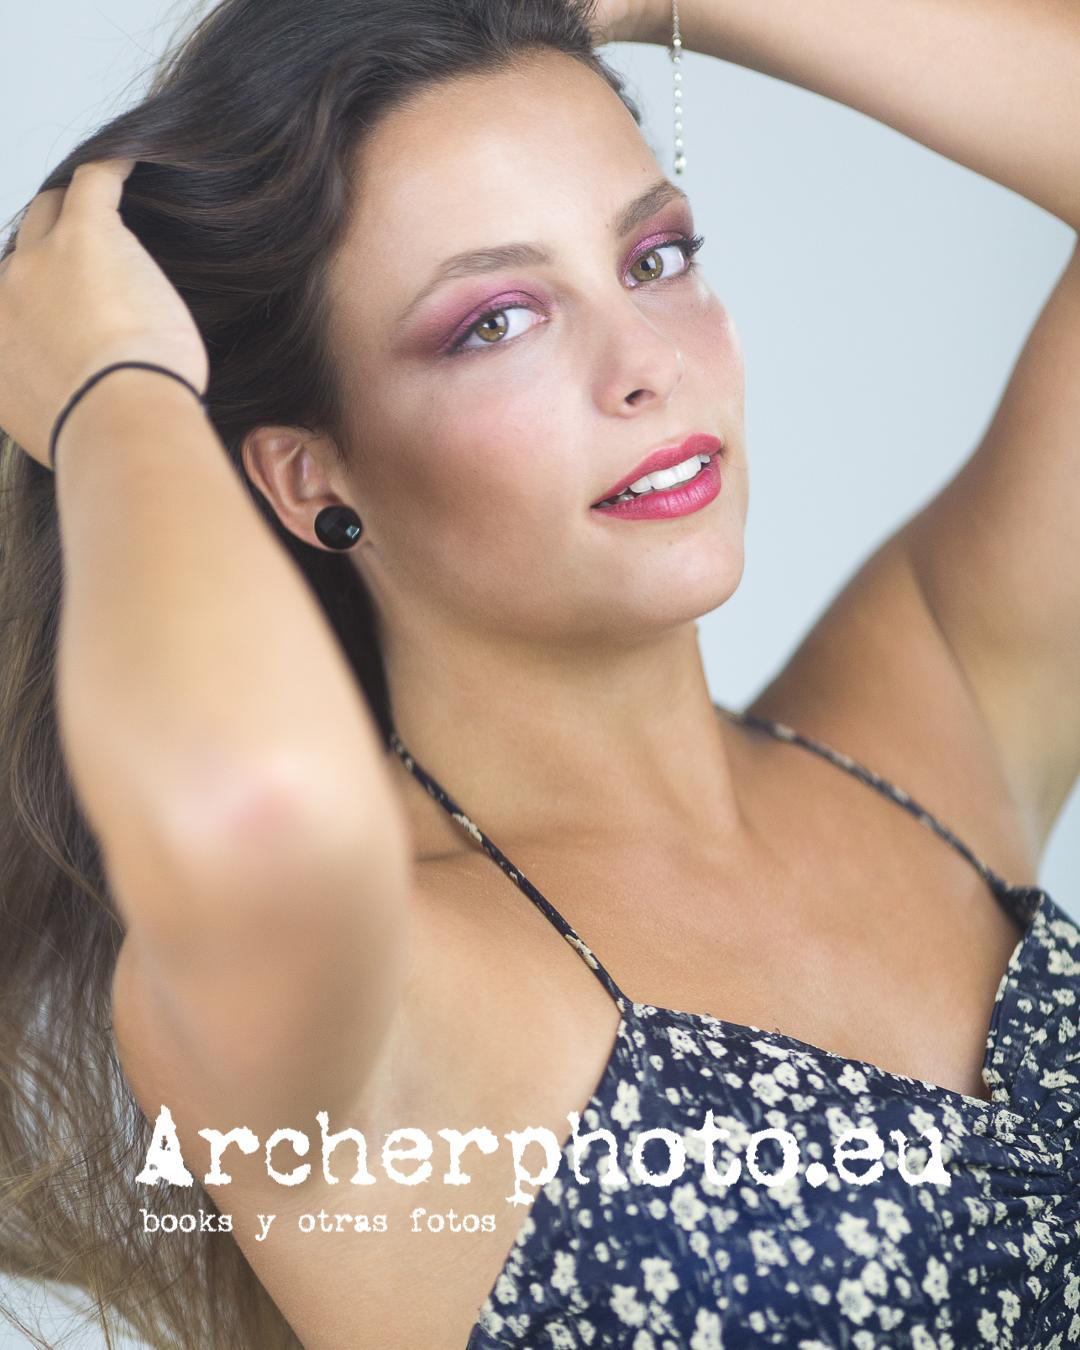 Patricia, 2019 (4) en una sesión de estudio, imagen de Archerphoto, fotograof